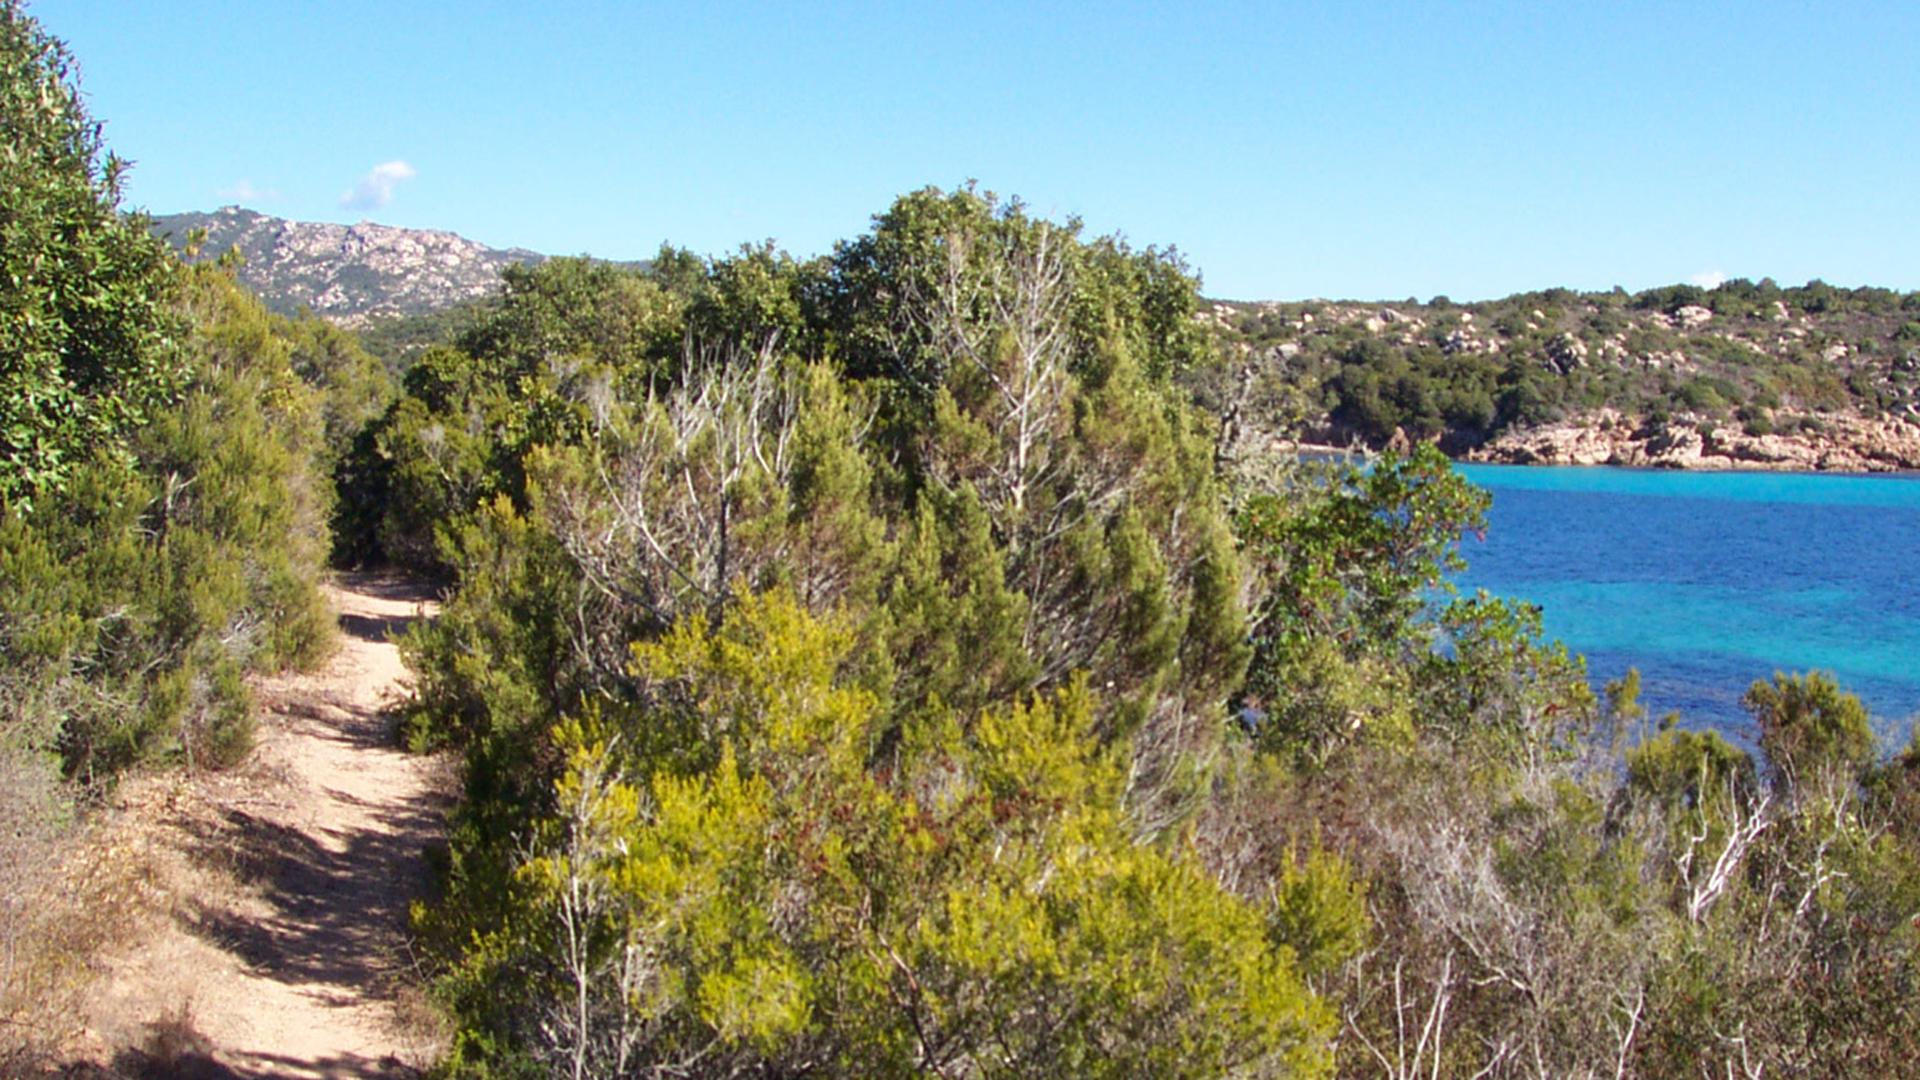 Sentier-Testa-balade-Bonifacio-Corse.jpg